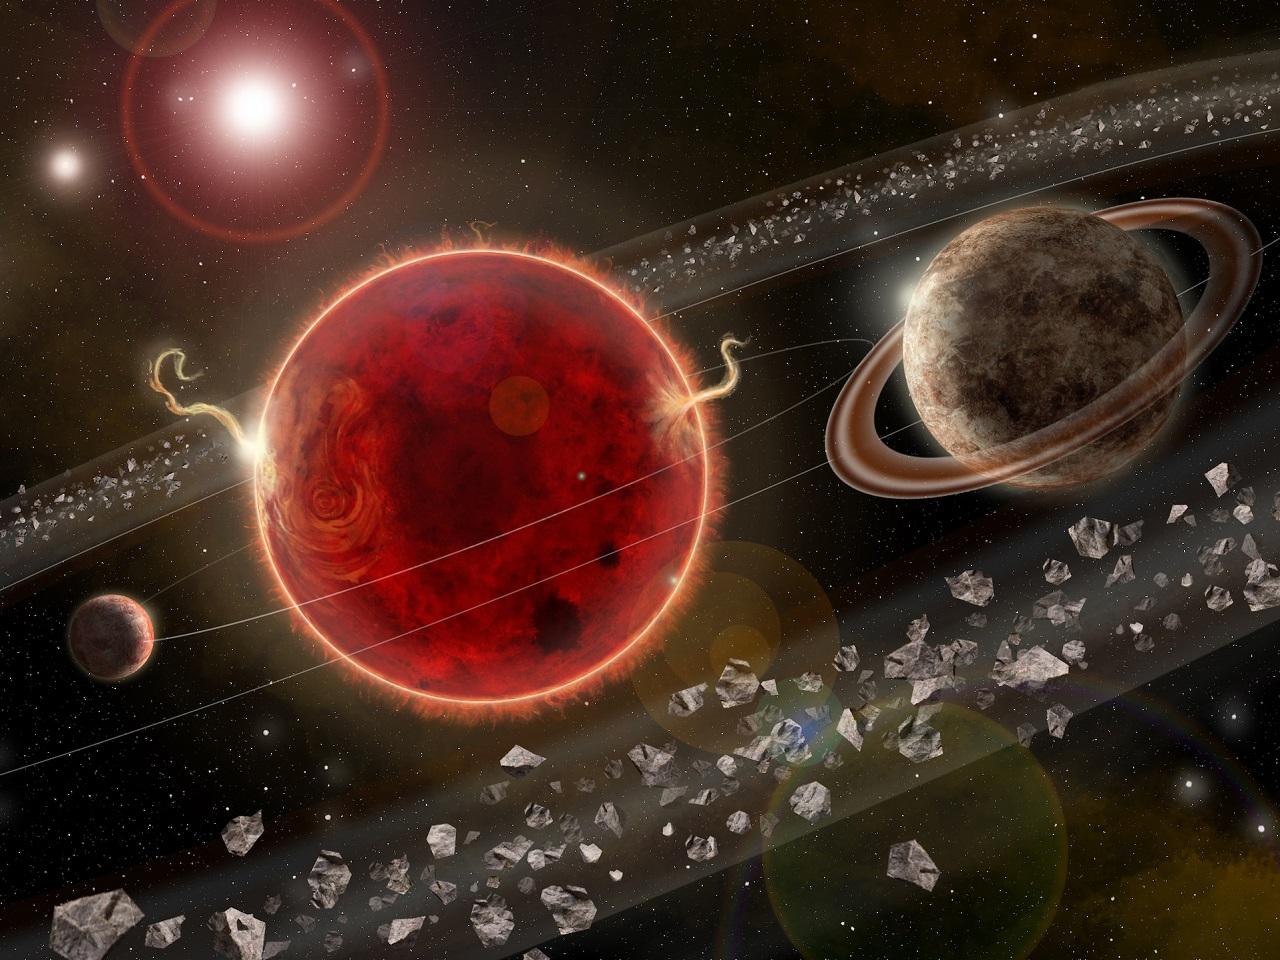 ჩვენს უახლოეს მეზობელ ვარსკვლავთან მეორე პლანეტის არსებობის ნიშნები აღმოაჩინეს